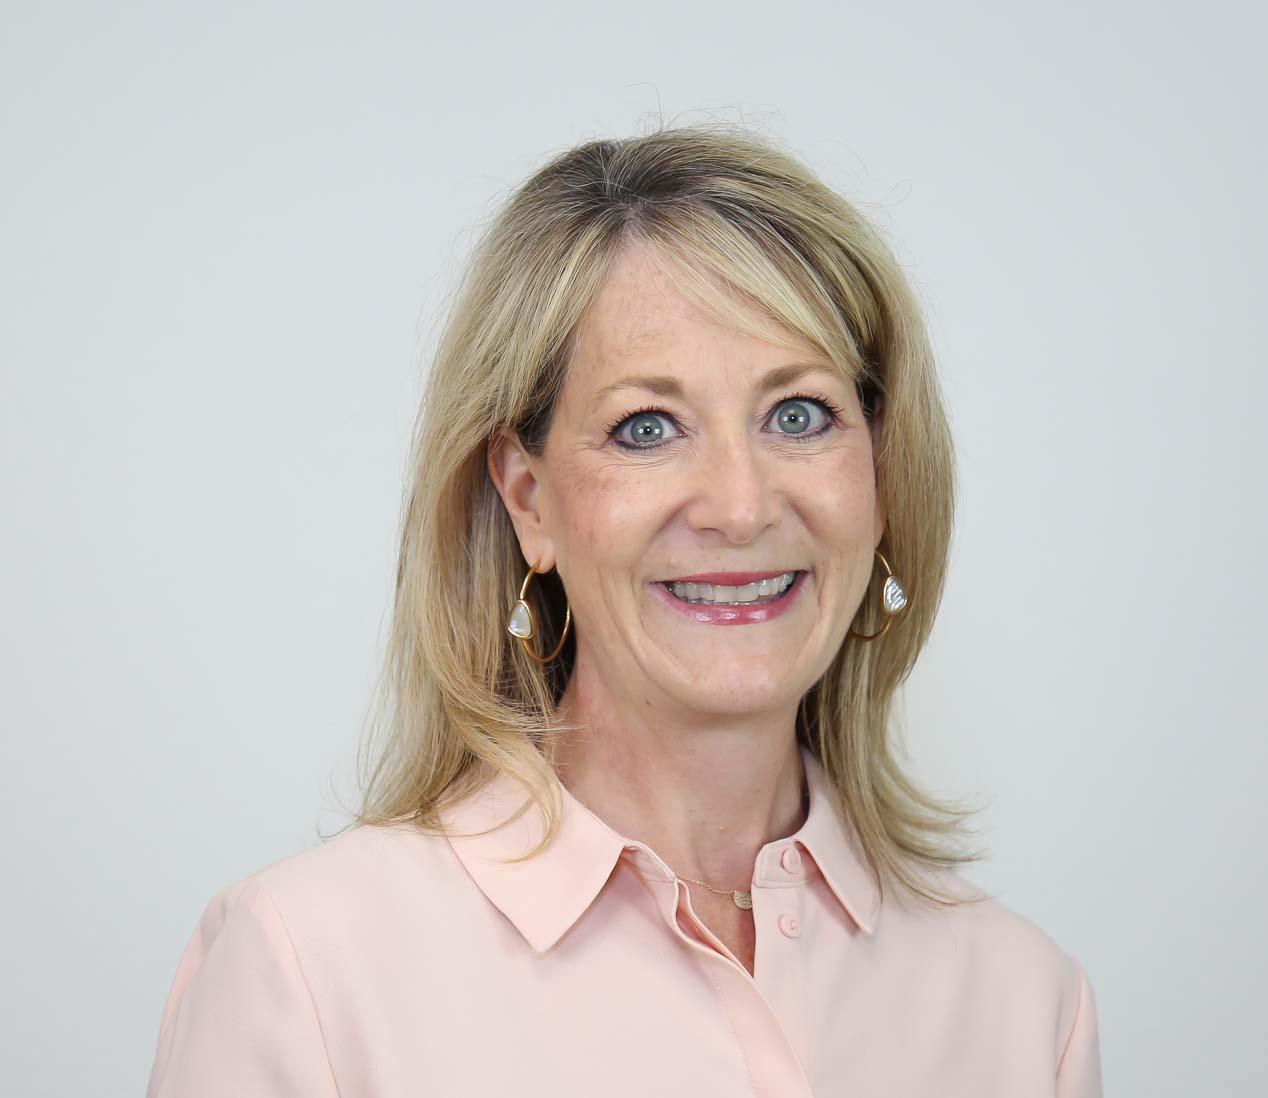 Sandi Hegwood, Treasurer